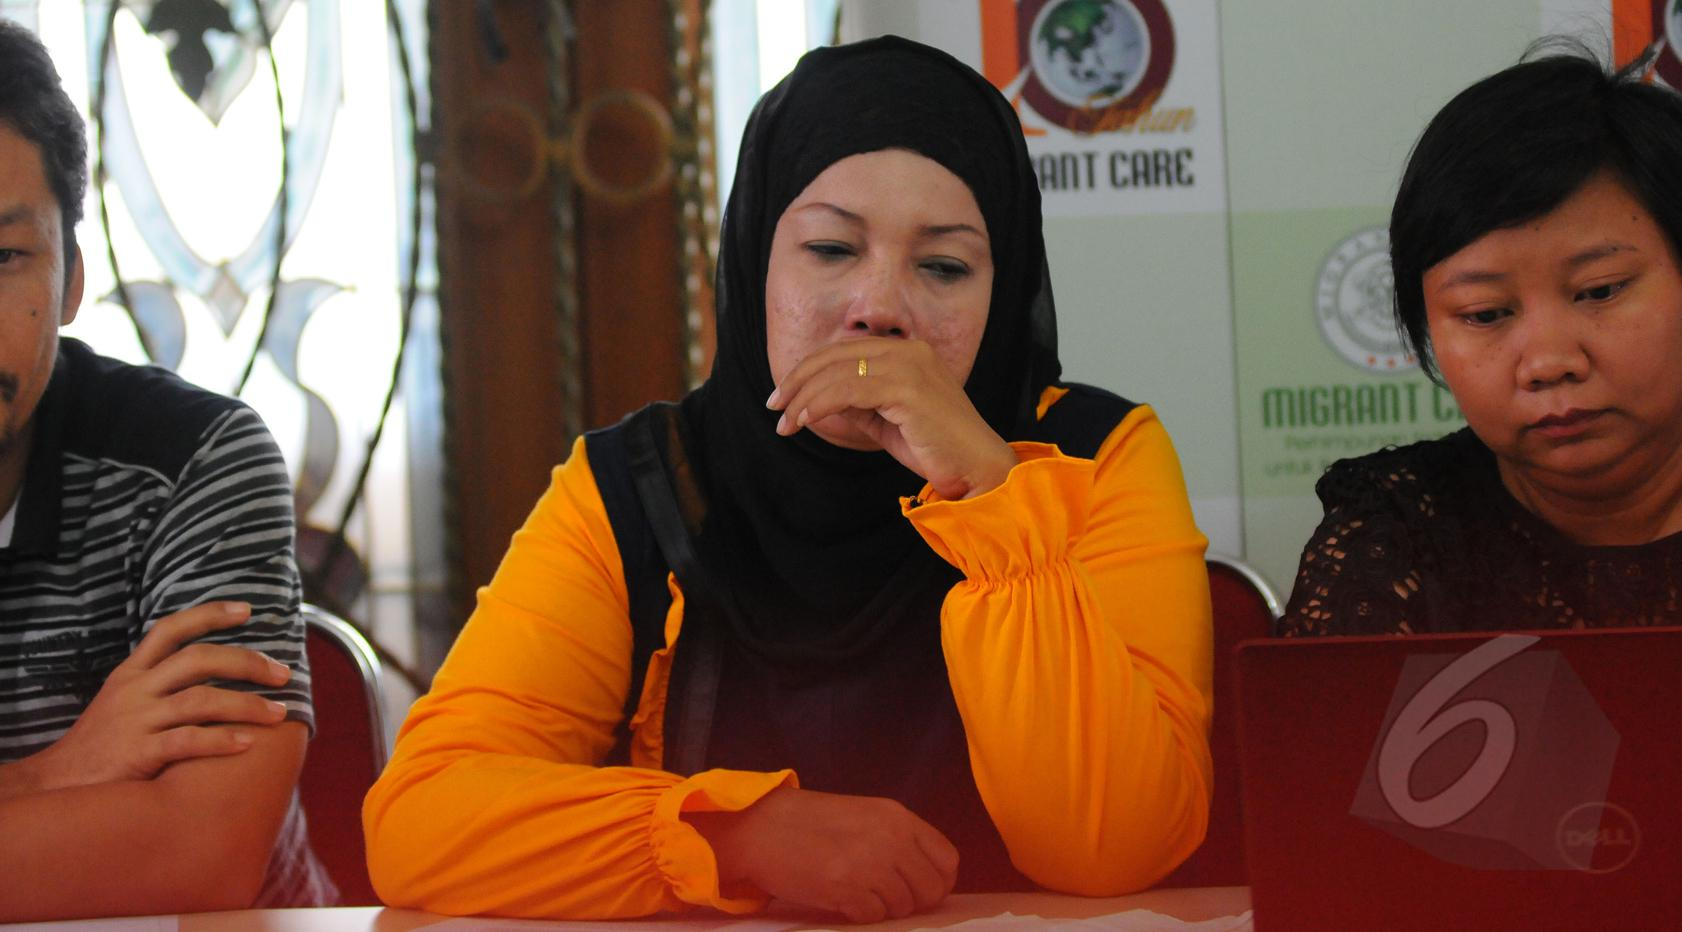 Een anak dari Ruyati (Ruyati adalah korban eksekusi mati di Arab Saudi pada 2011), Jakarta, Kamis (16/4/2015). Een ikut menghadiri konferensi pers yang diselenggarakan Migrant Care. (Liputan6.com/Herman Zakharia)